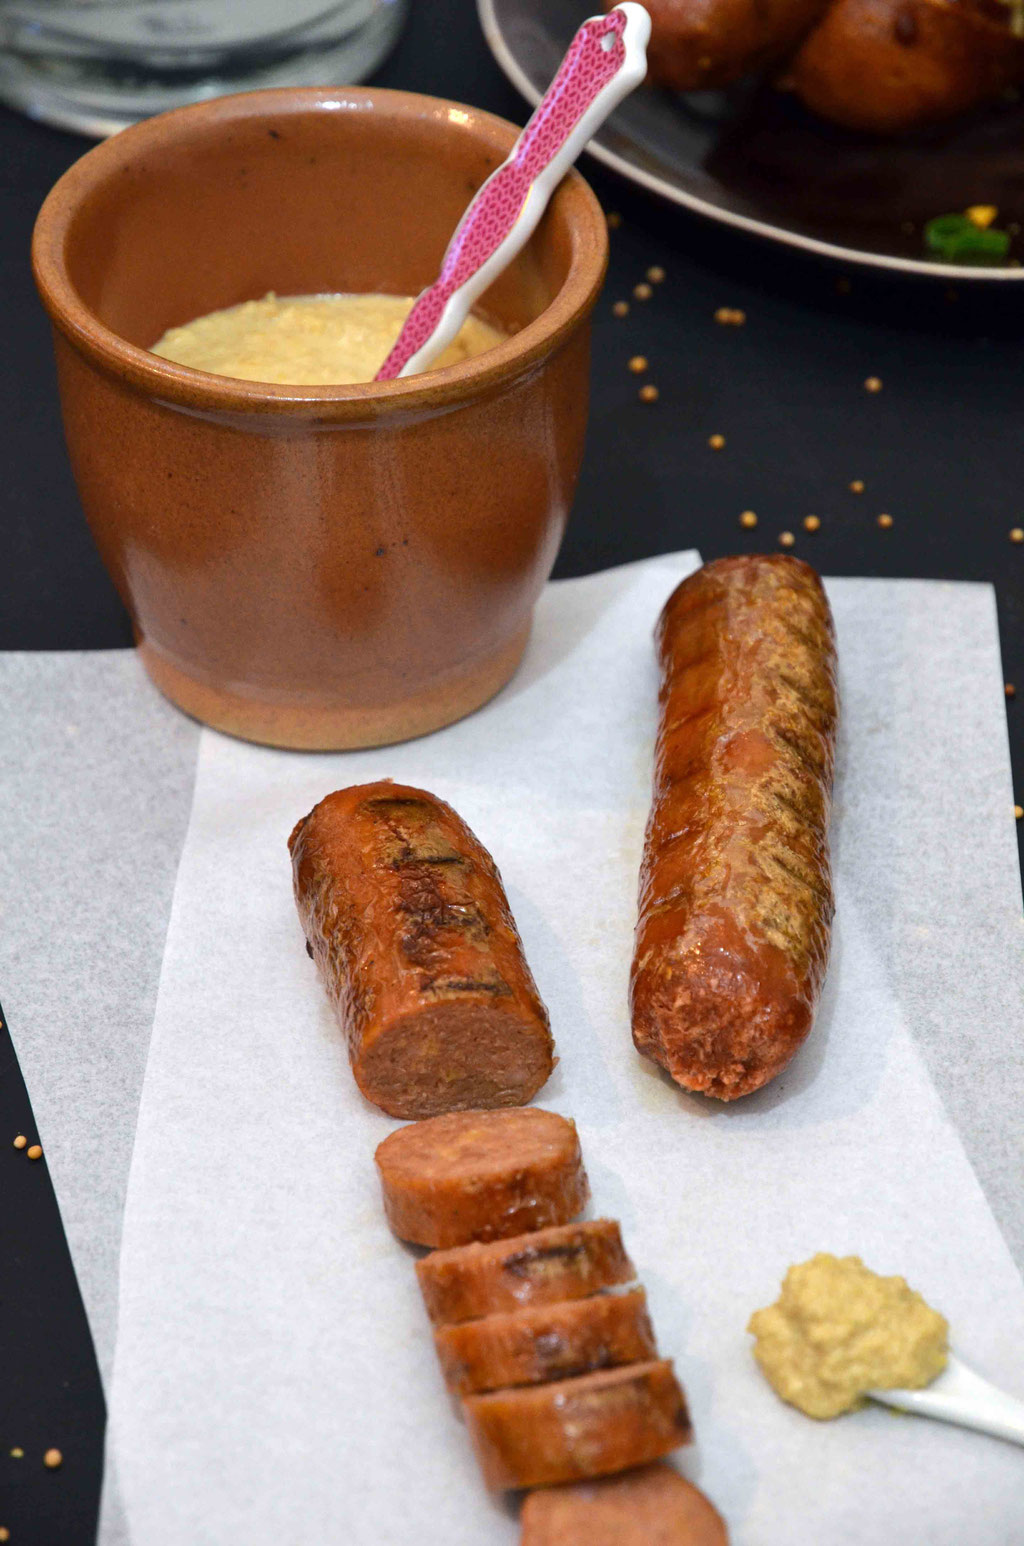 Der Klassiker zu Senf: Das Würstchen. Beyond Sausage bietet die, wie wir finden, derzeit besten veganen Alternativen auf dem deutschen Markt an und lassen sich auch ganz hervorragend pur essen.